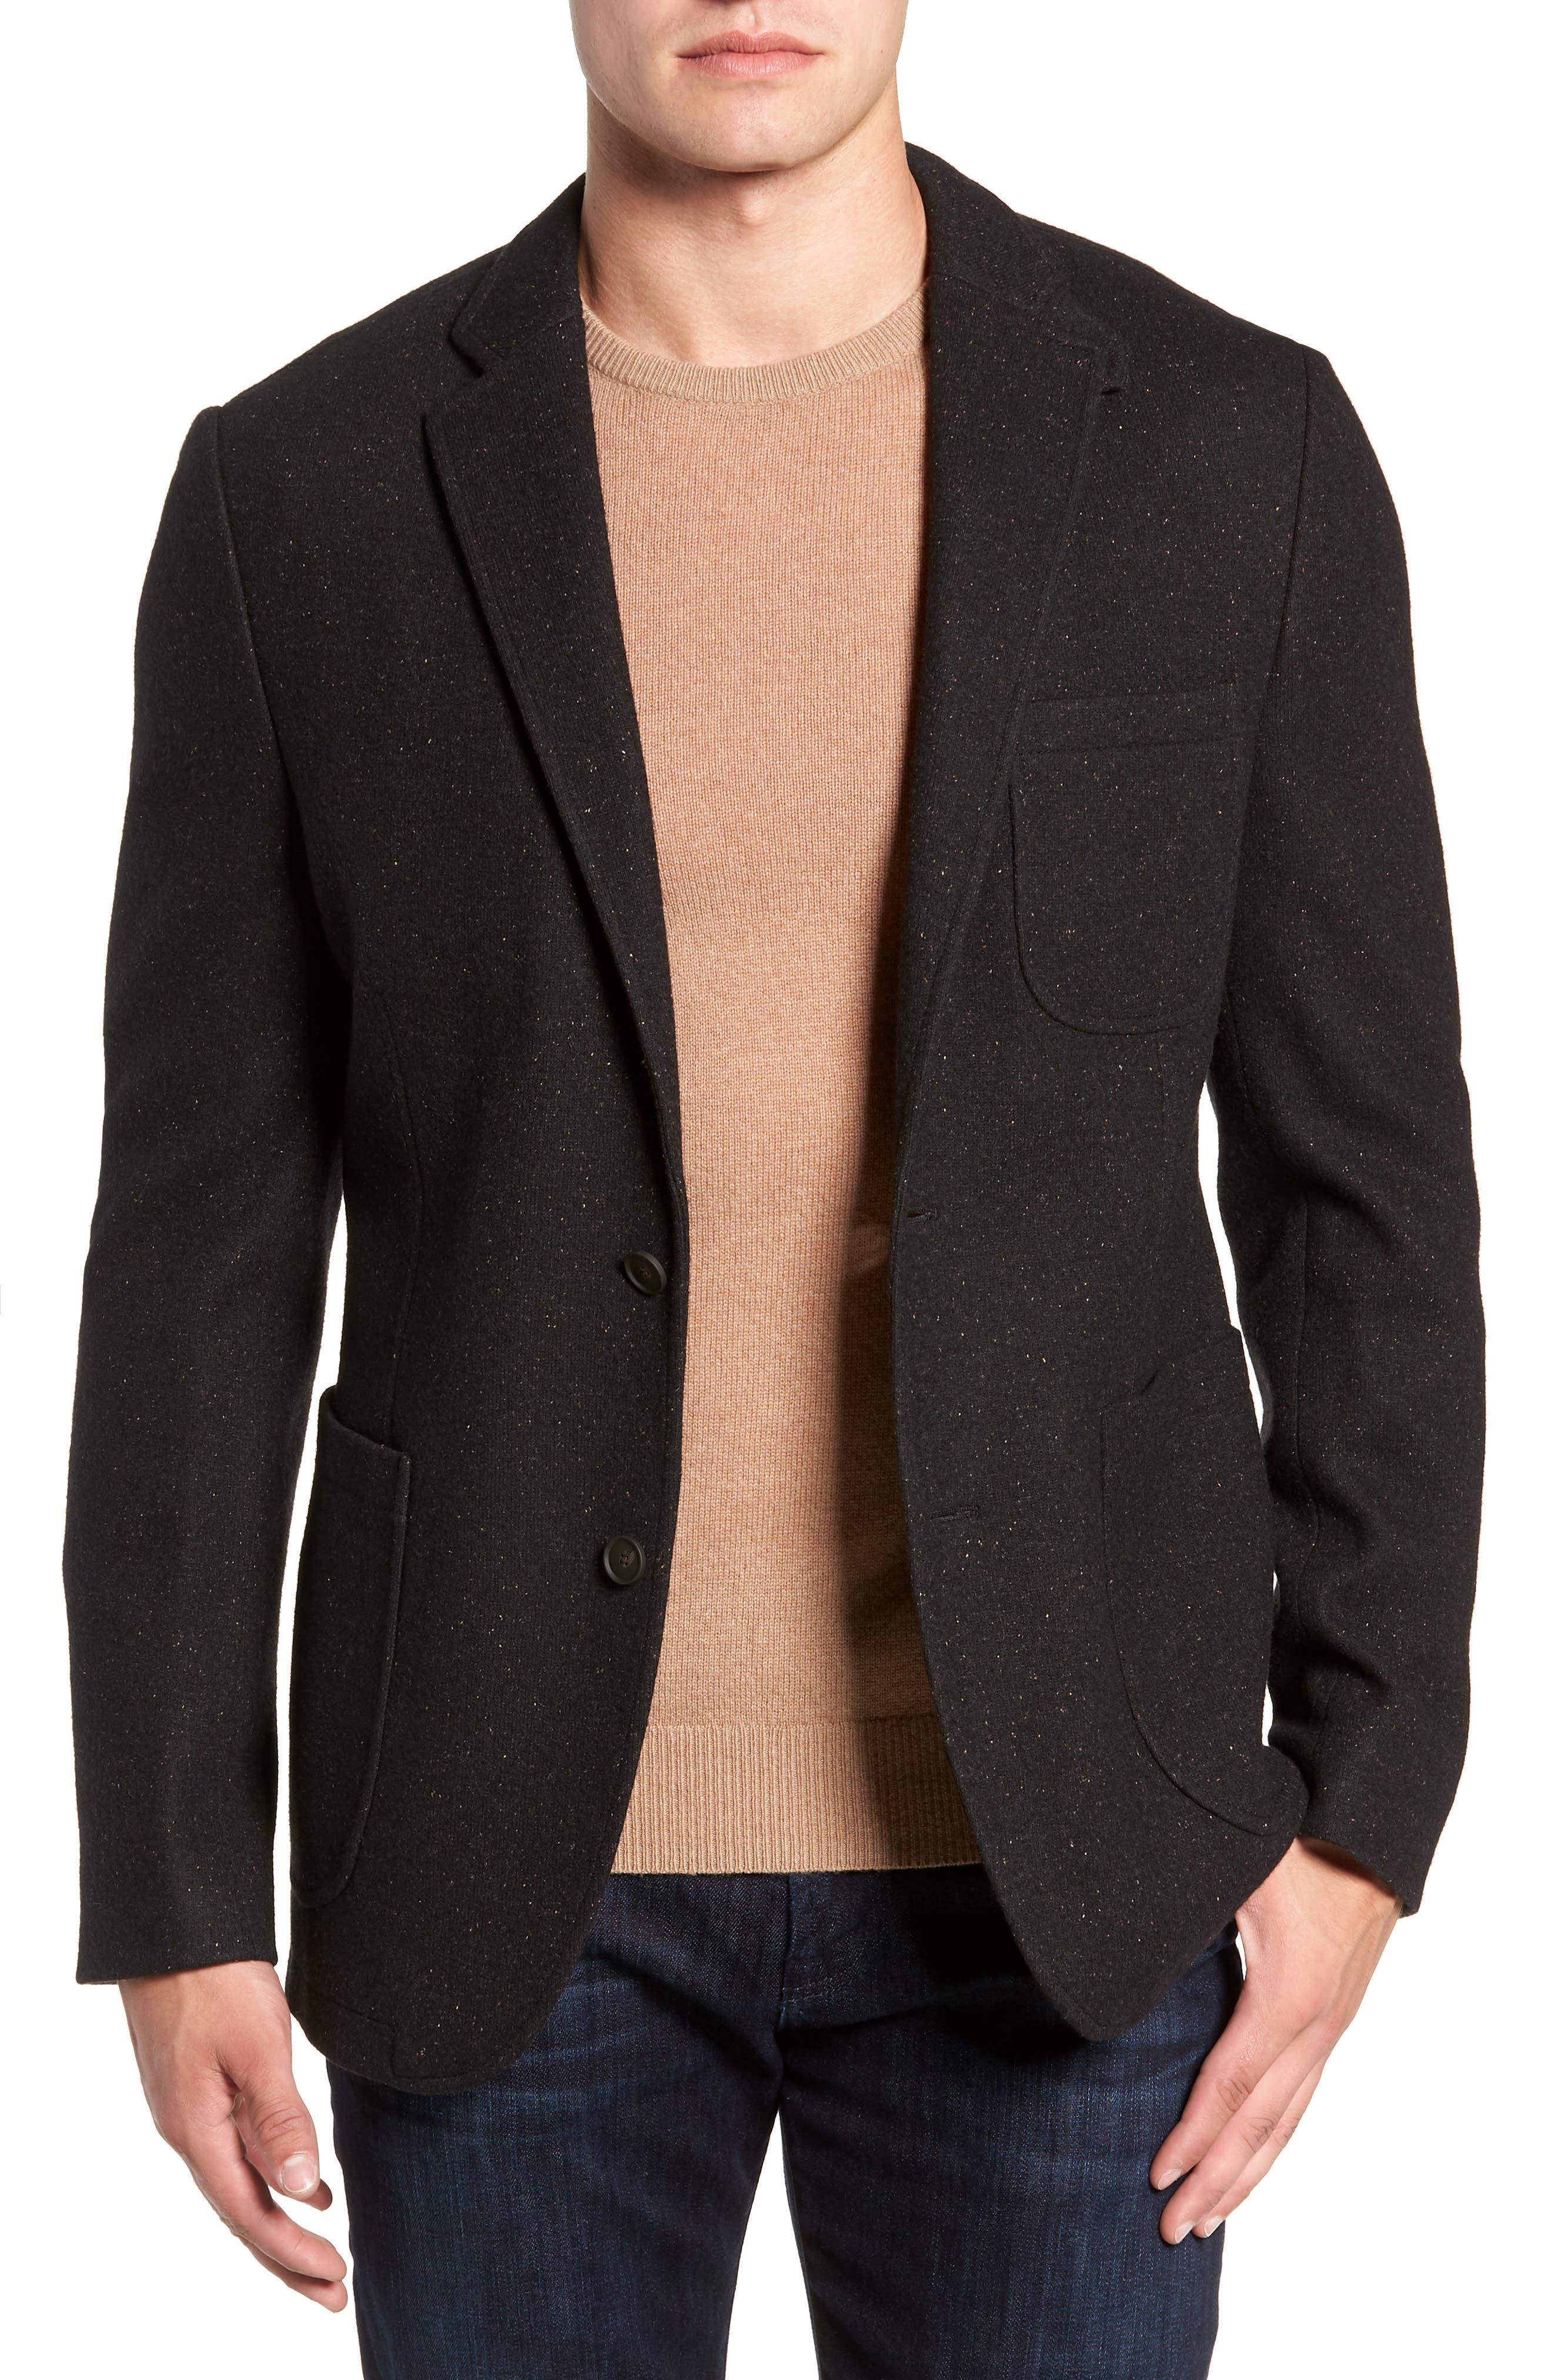 White Solid Cotton Blend Sport Coat,                         Main,                         color, BLACK